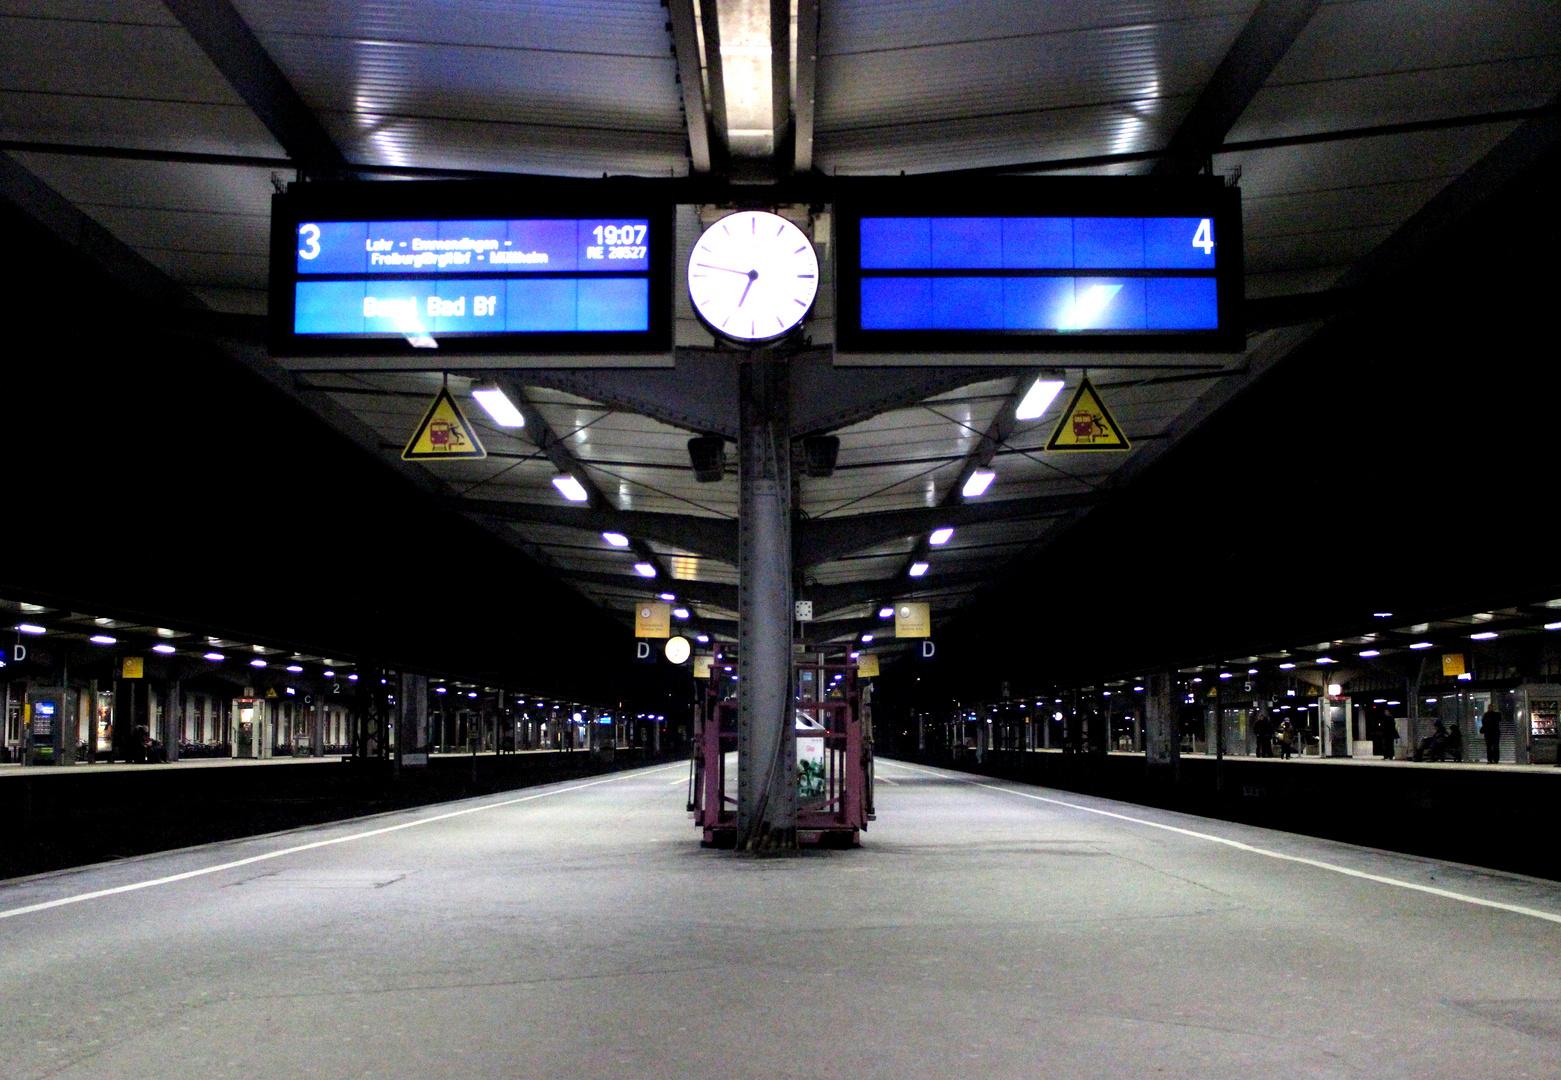 Allein am Bahnsteig